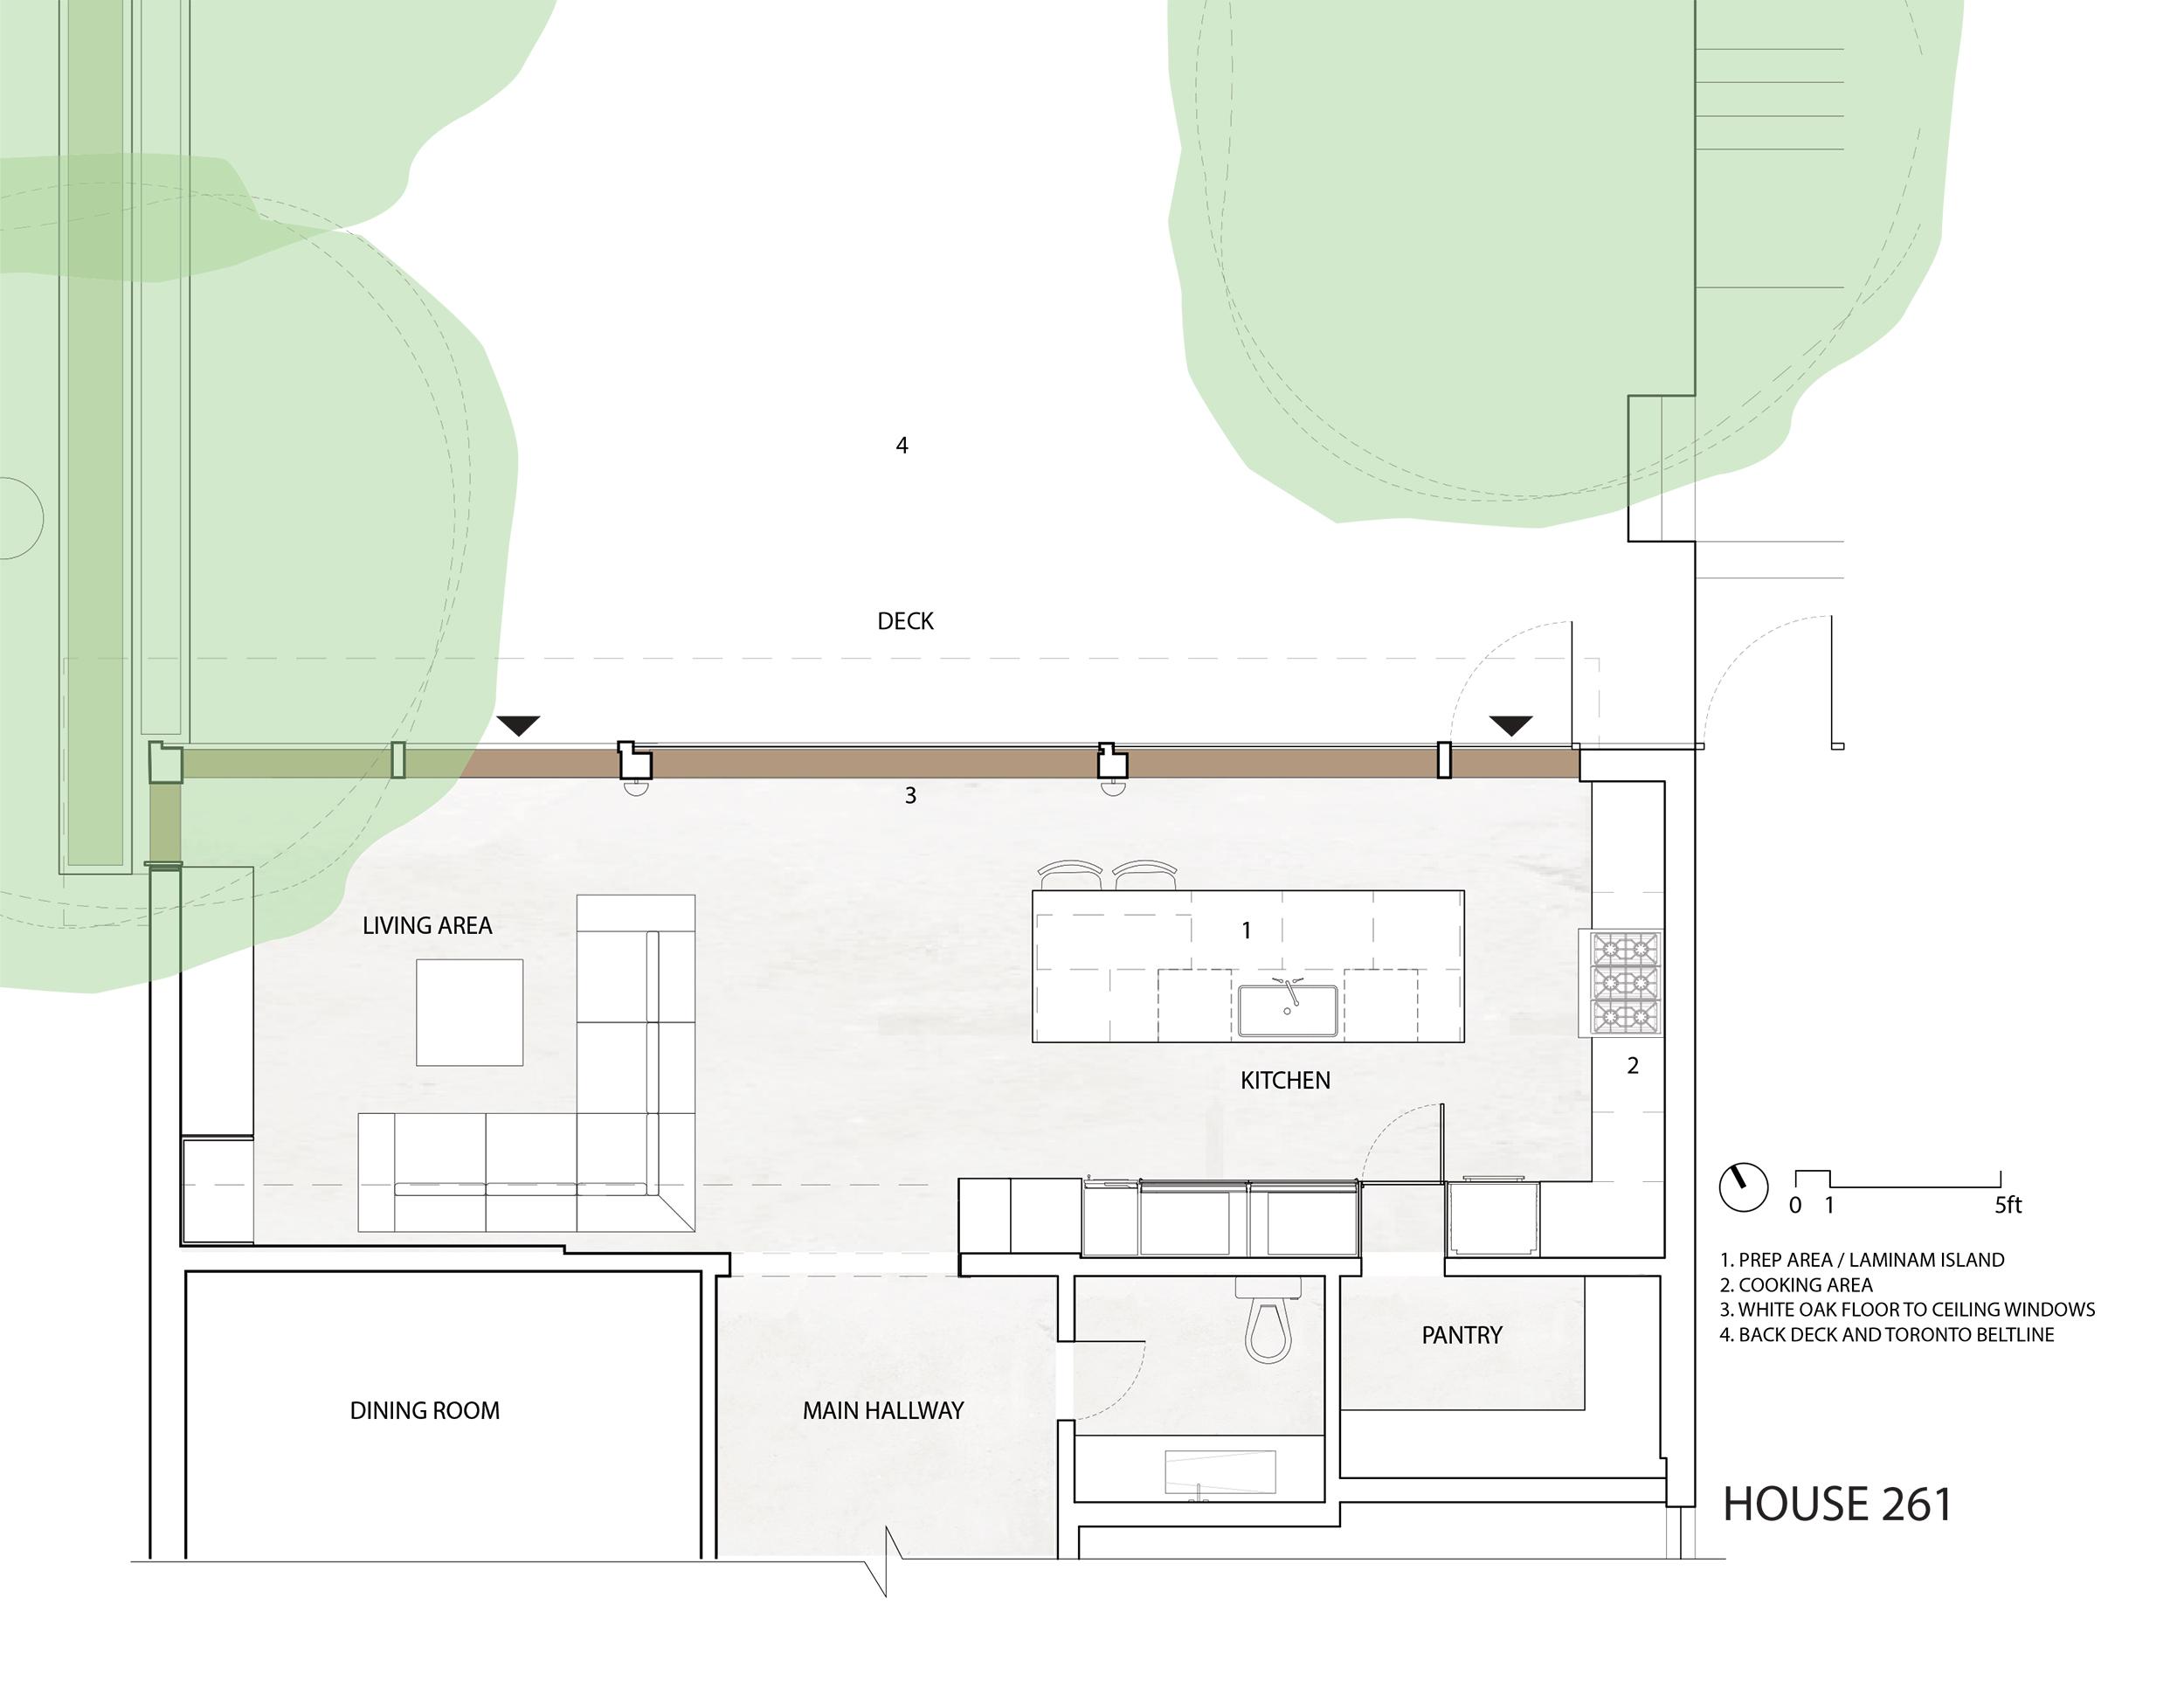 Floor Plan Izen Architecture